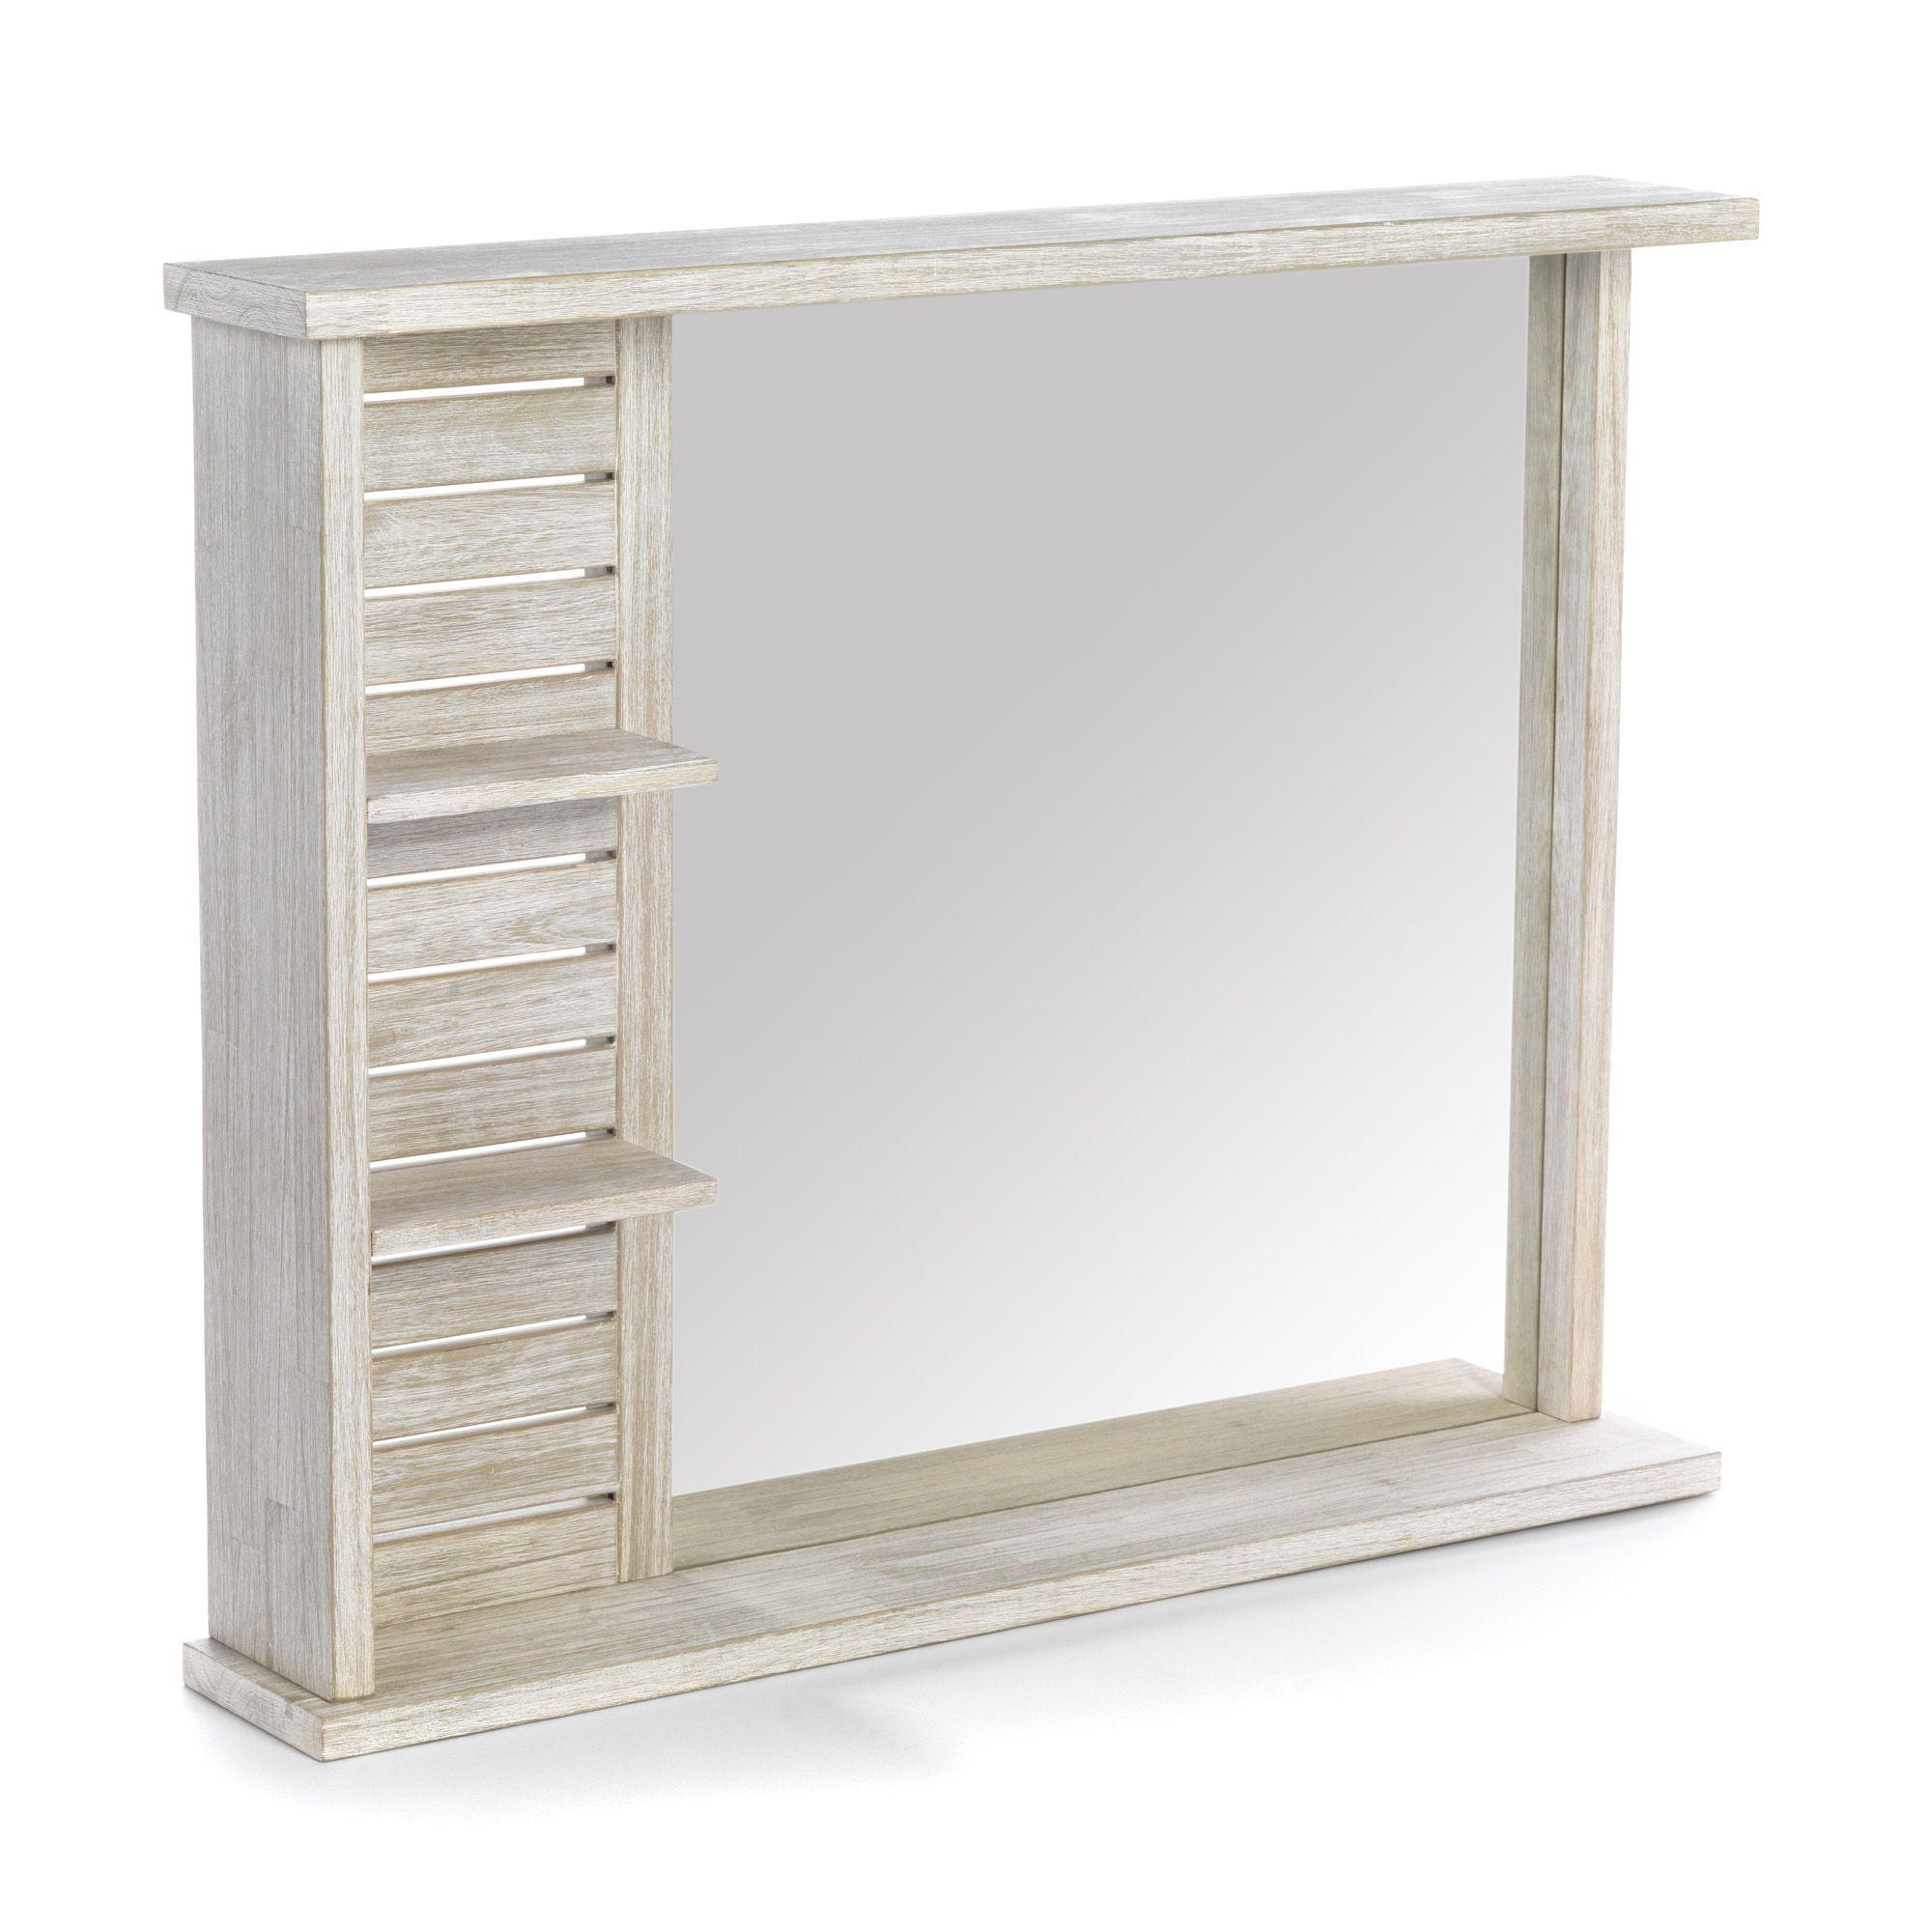 miroir de salle de bains marine bain les miroirs de salle de bains salle de bains par pi ce. Black Bedroom Furniture Sets. Home Design Ideas